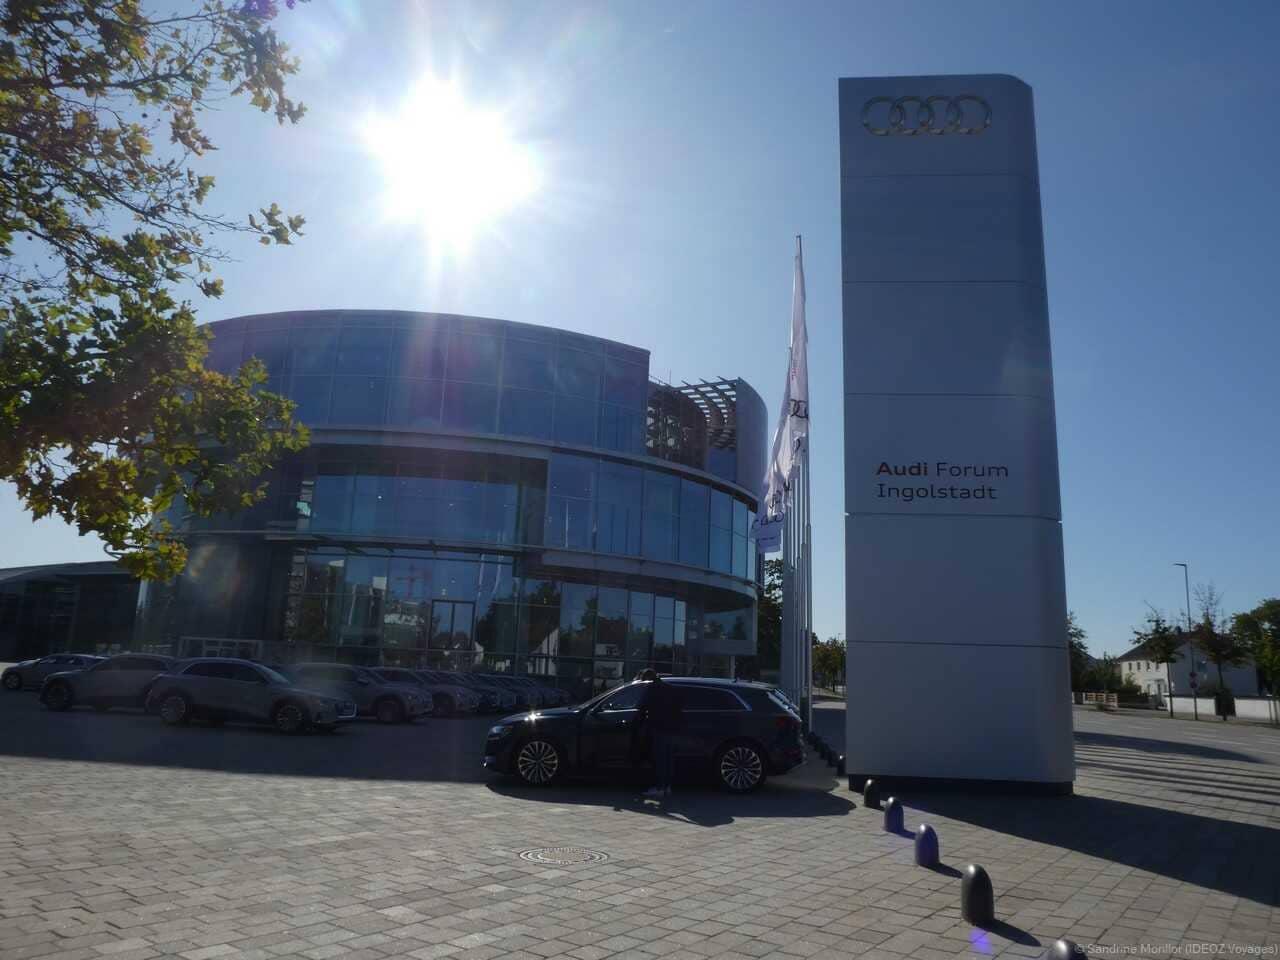 Forum audi Ingolstadt usine et musée automobile sur la route allemande en bavière